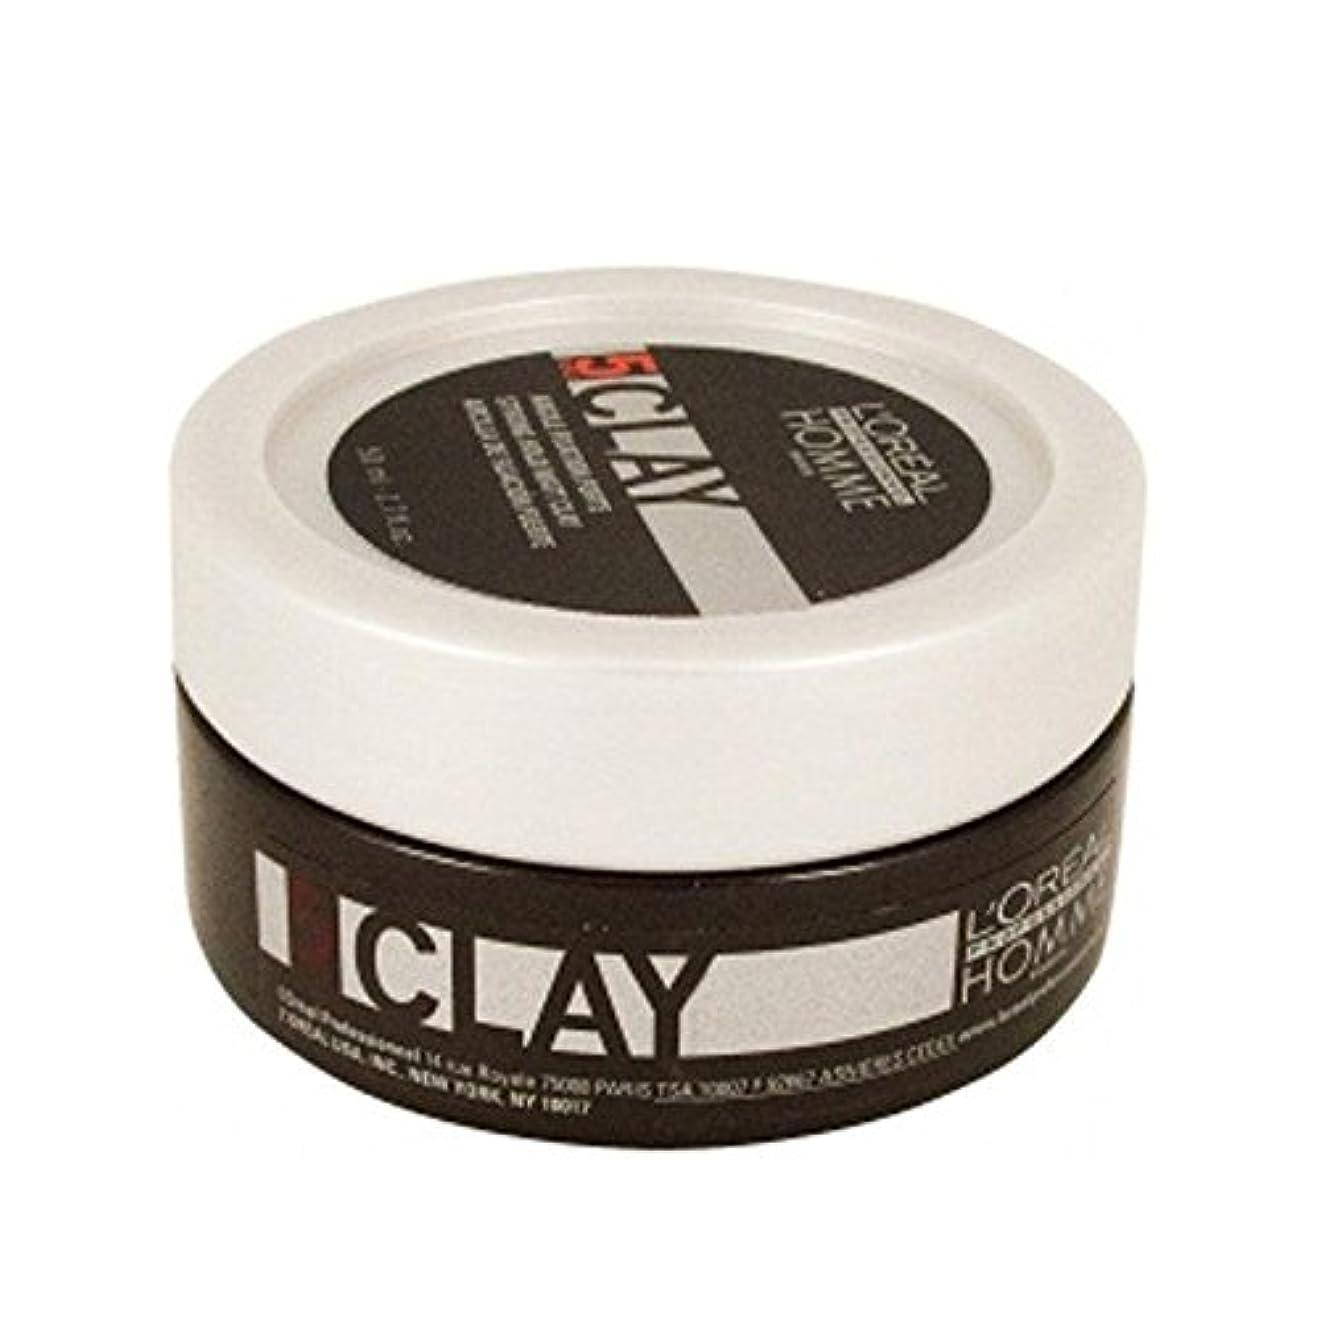 符号賛美歌治世L'Or?al Professionnel Homme Clay ? Strong Hold Clay (50ml) - ロレアルプロフェッショナルのオム粘土 - 強力なホールド粘土(50ミリリットル) [並行輸入品]